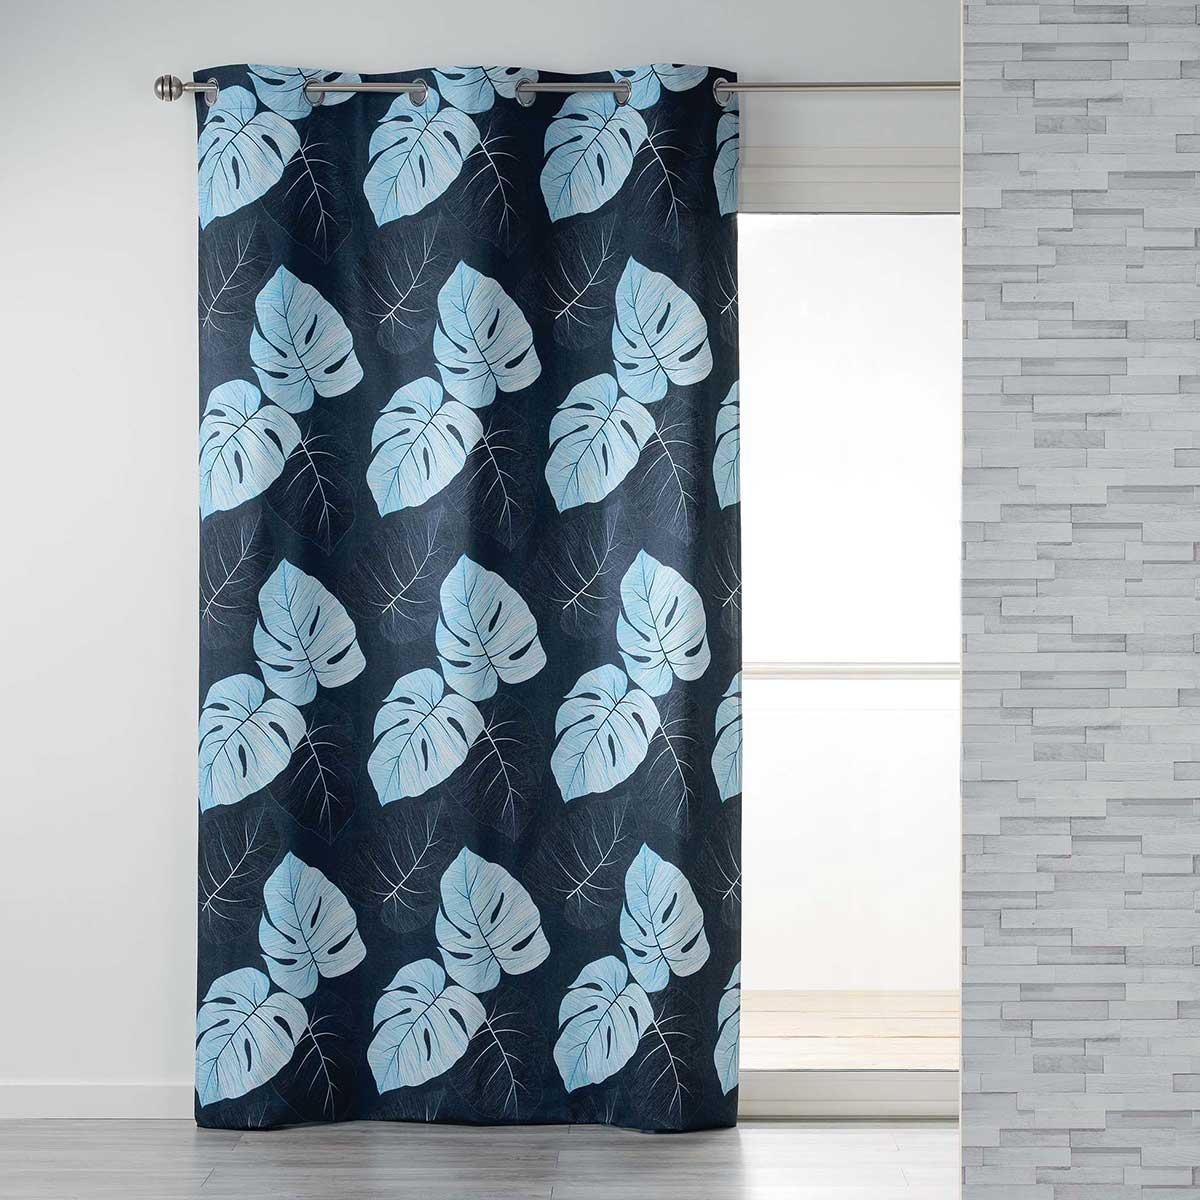 Cortina de algodón estampado hojas tropicales (Azul)